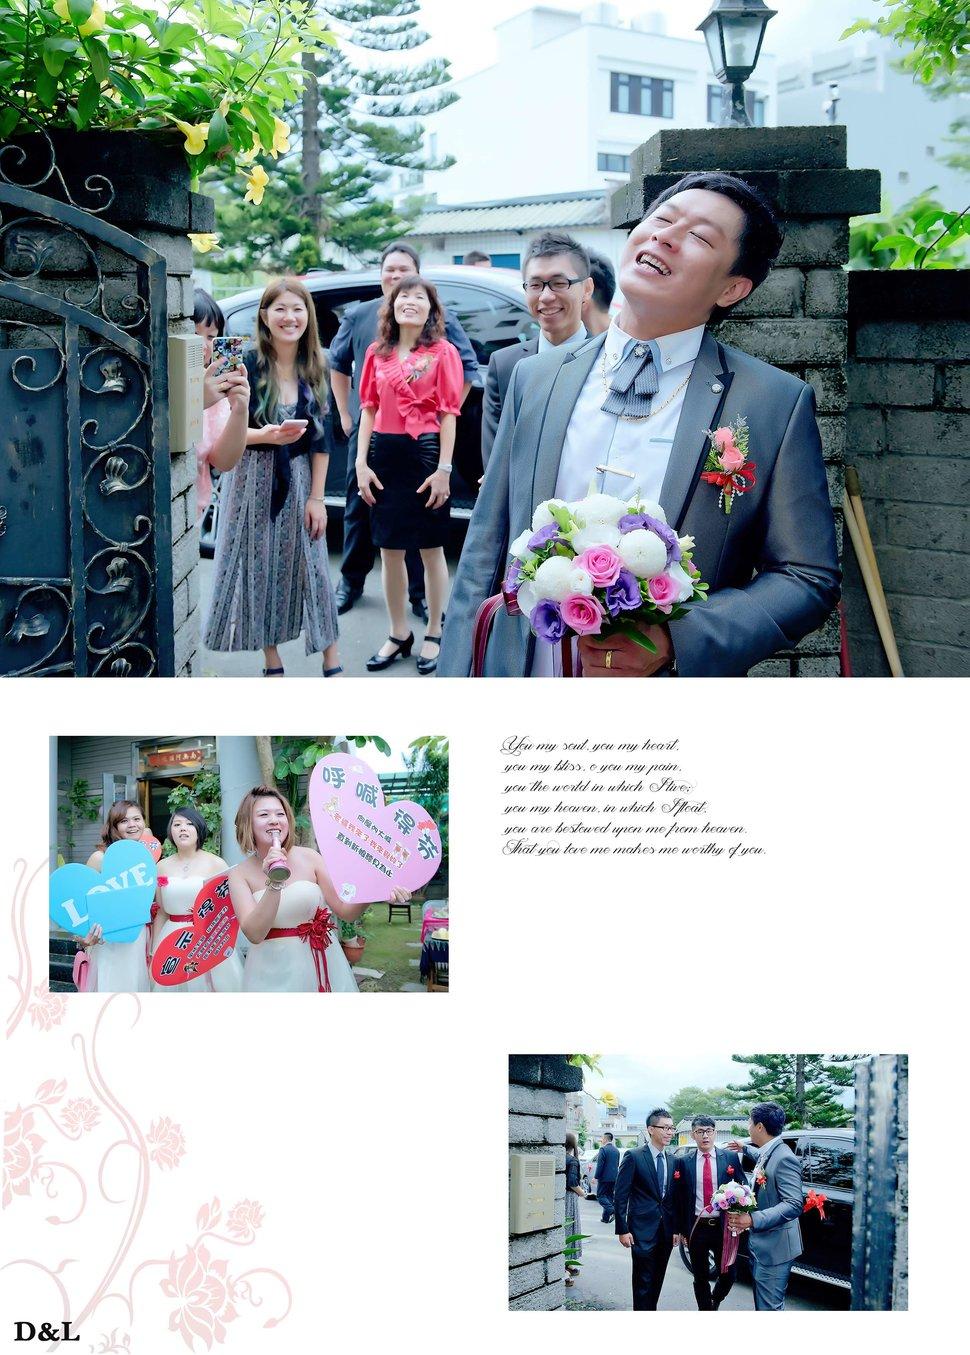 雲林婚攝 婚禮紀錄 敬添&綉芬 喜洋洋宴會廳雲林(編號:253234) - D&L 婚禮事務-婚紗攝影/婚禮記錄 - 結婚吧